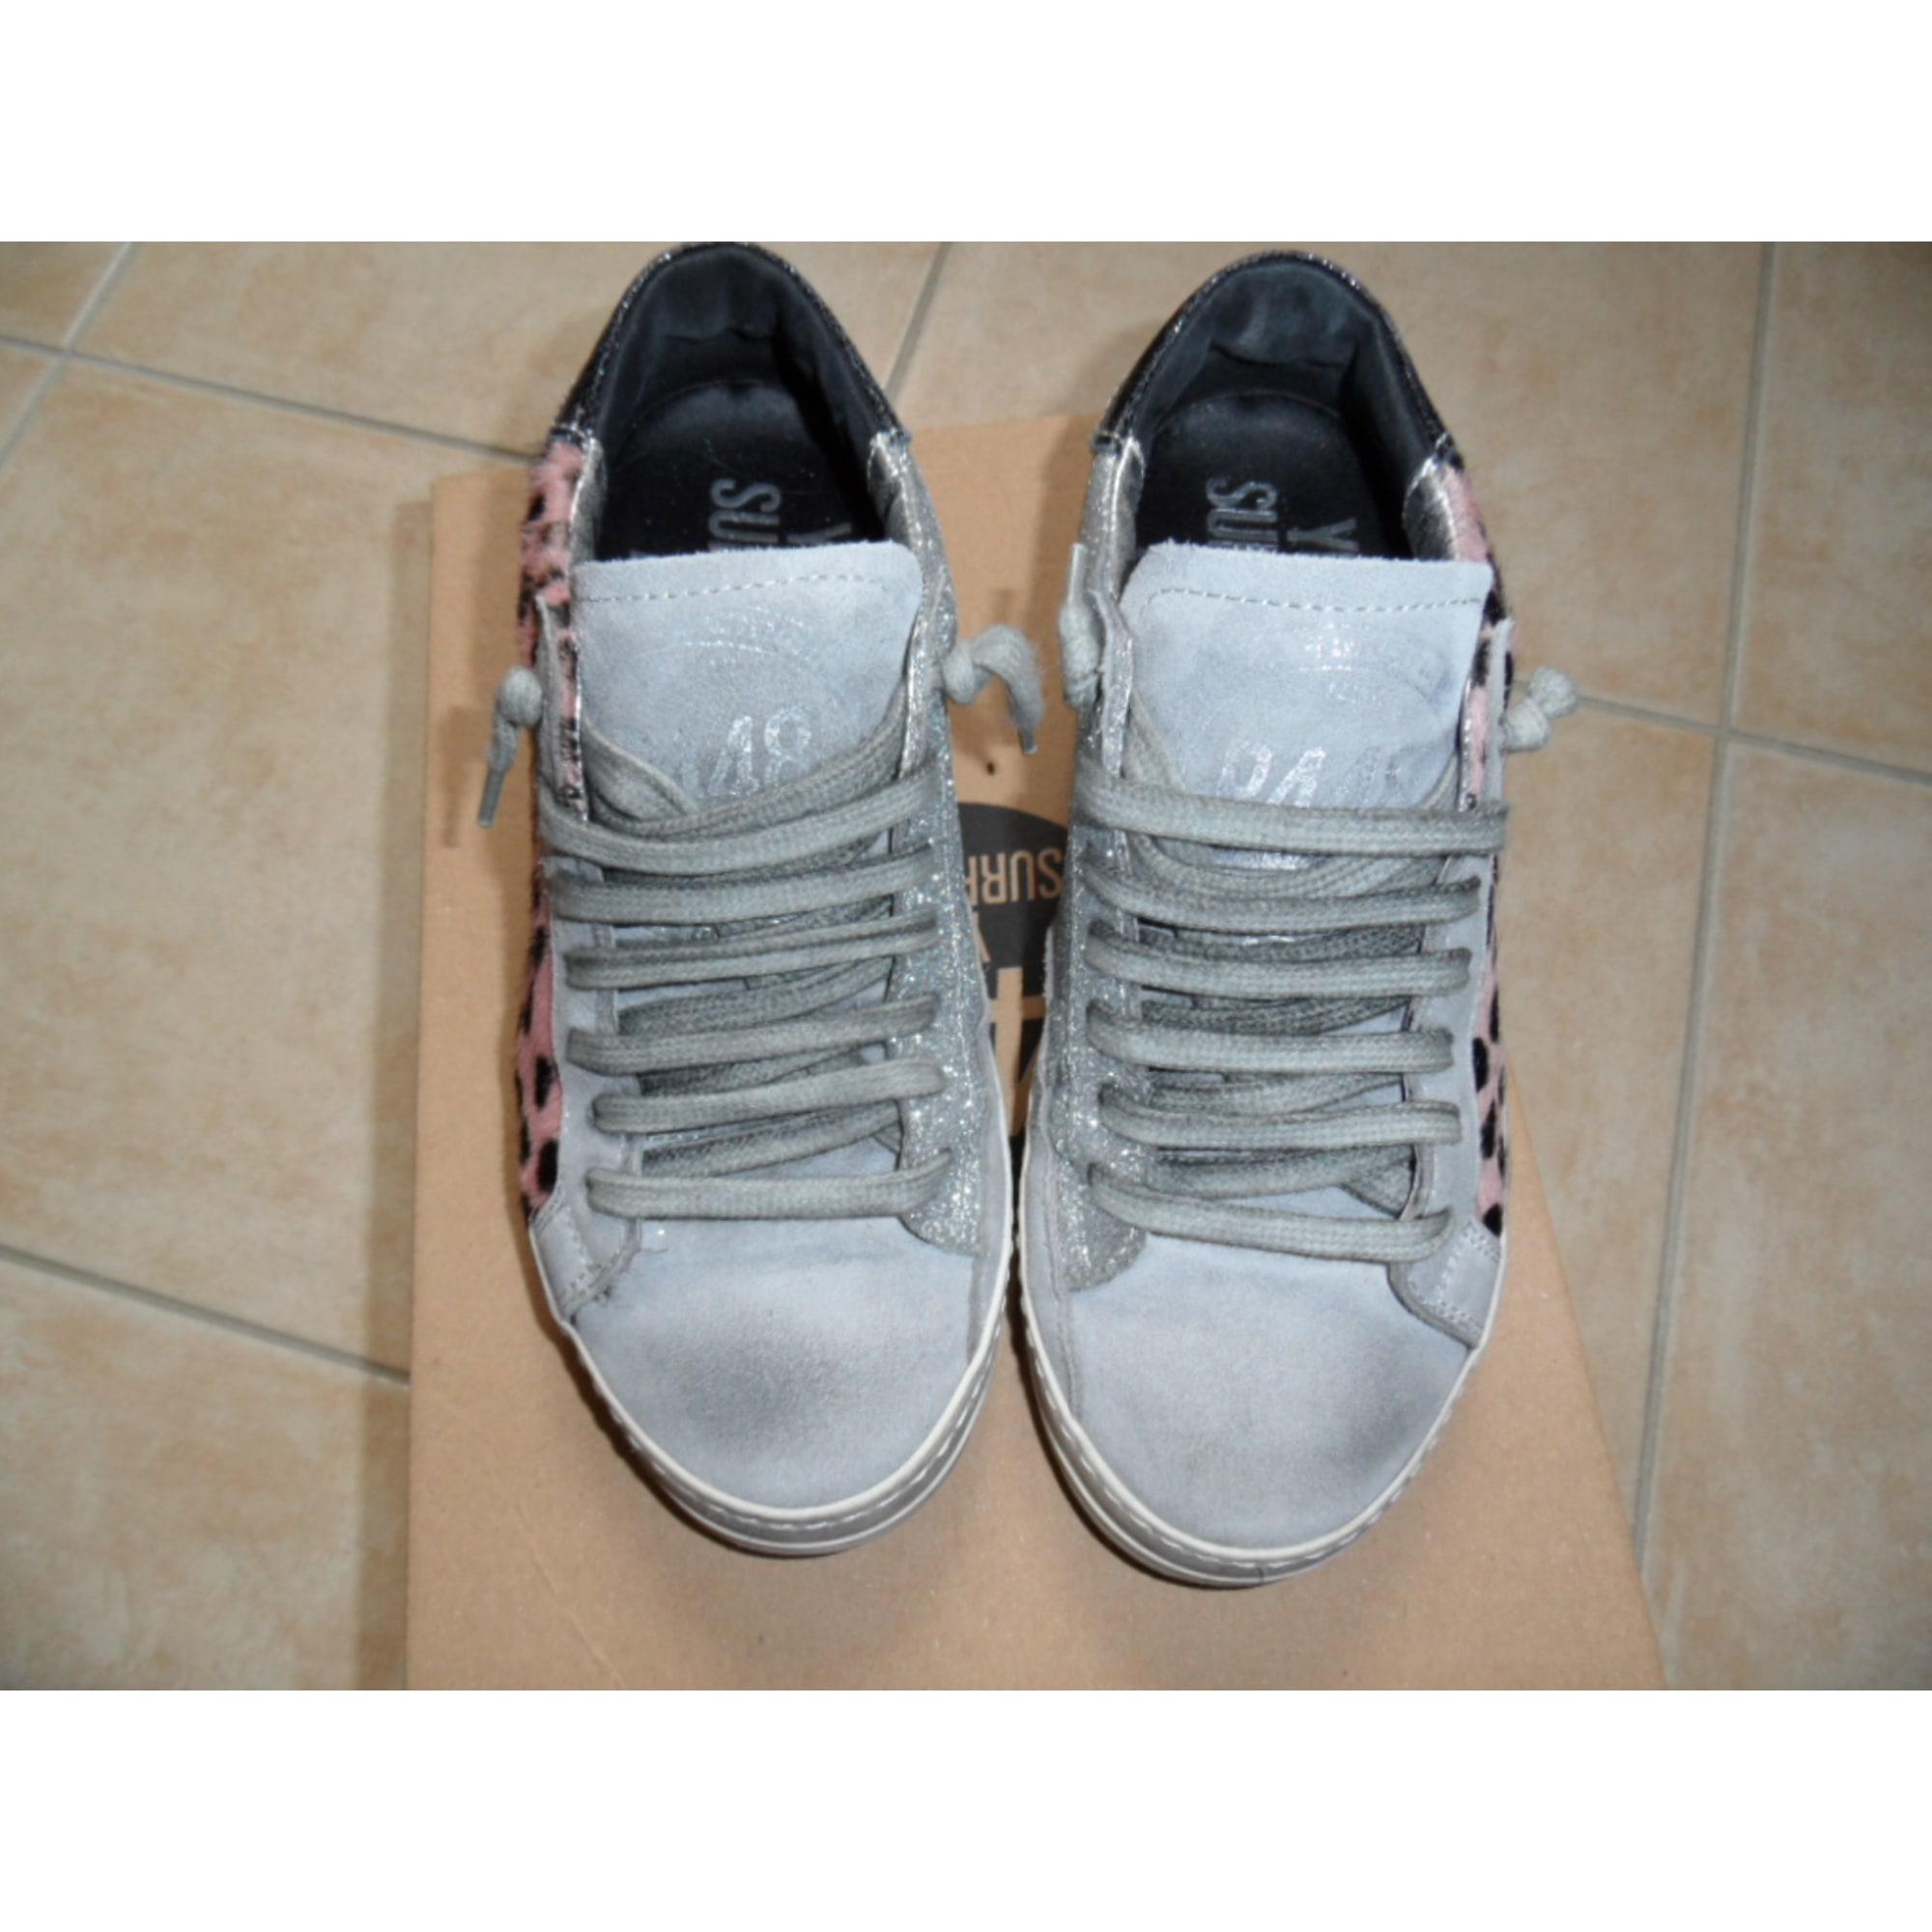 8779540d35 Baskets P448 36 gris vendu par Cerniac - 4598173